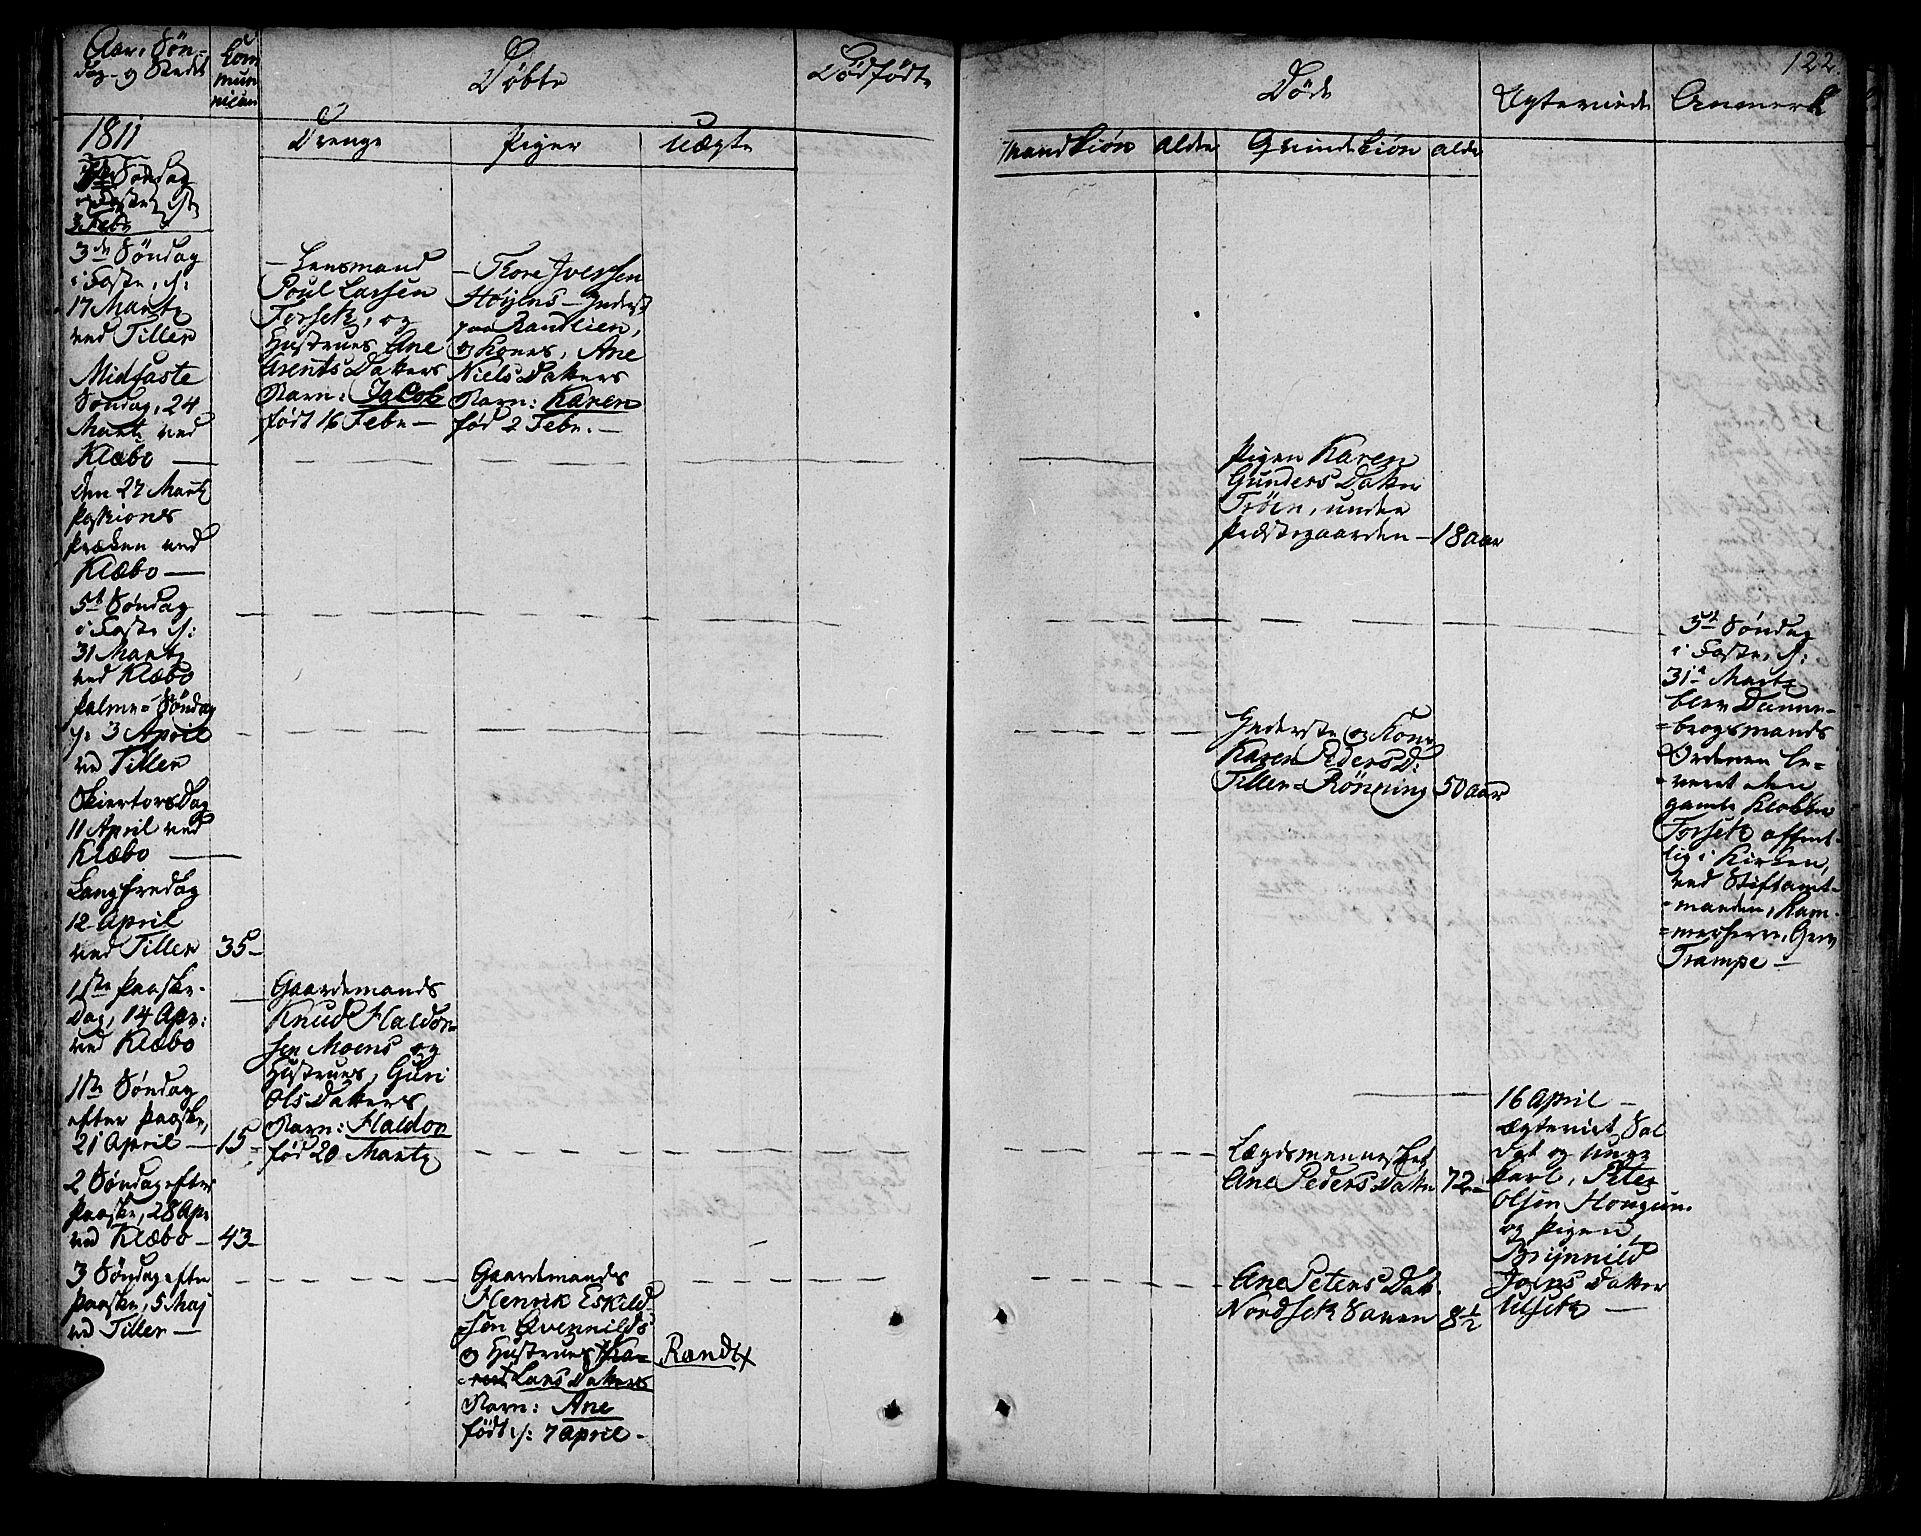 SAT, Ministerialprotokoller, klokkerbøker og fødselsregistre - Sør-Trøndelag, 618/L0438: Ministerialbok nr. 618A03, 1783-1815, s. 122